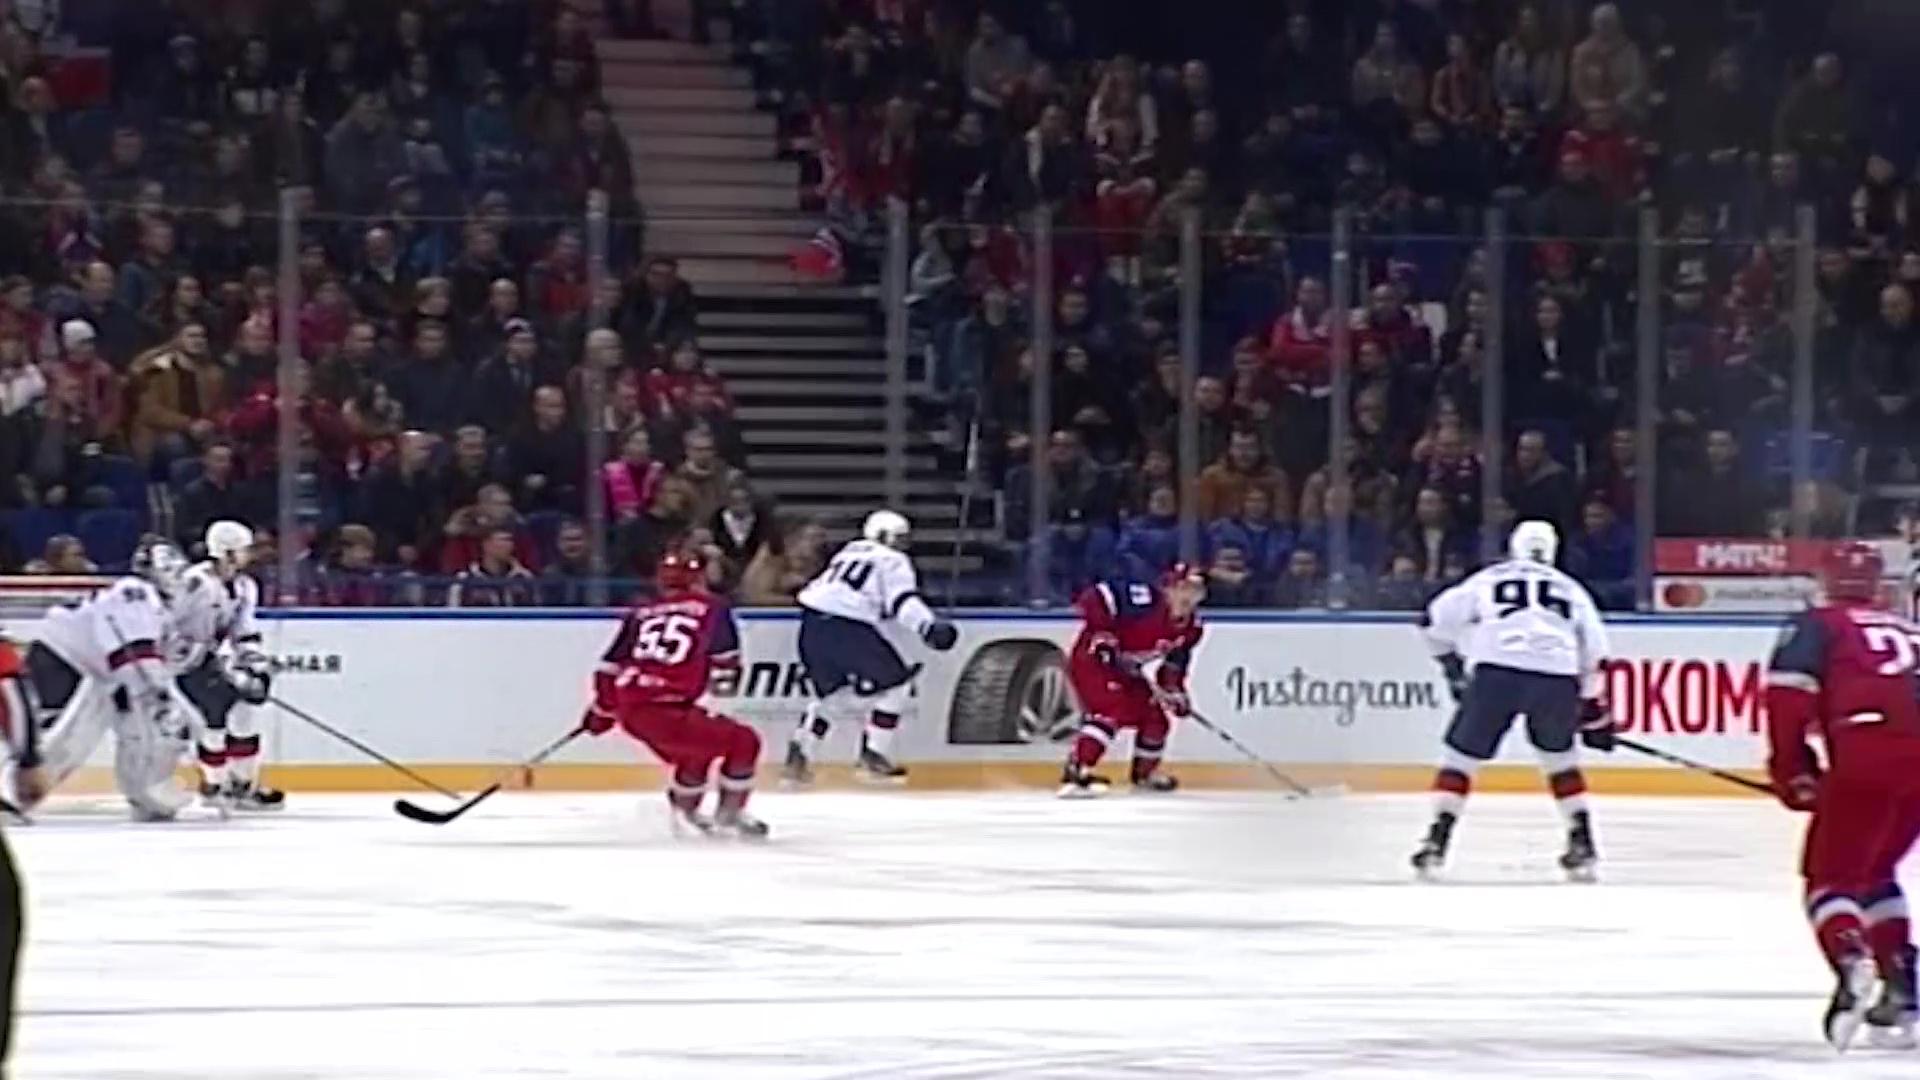 Смотреть матчи «Локомотива» вживую смогут только около тысячи человек